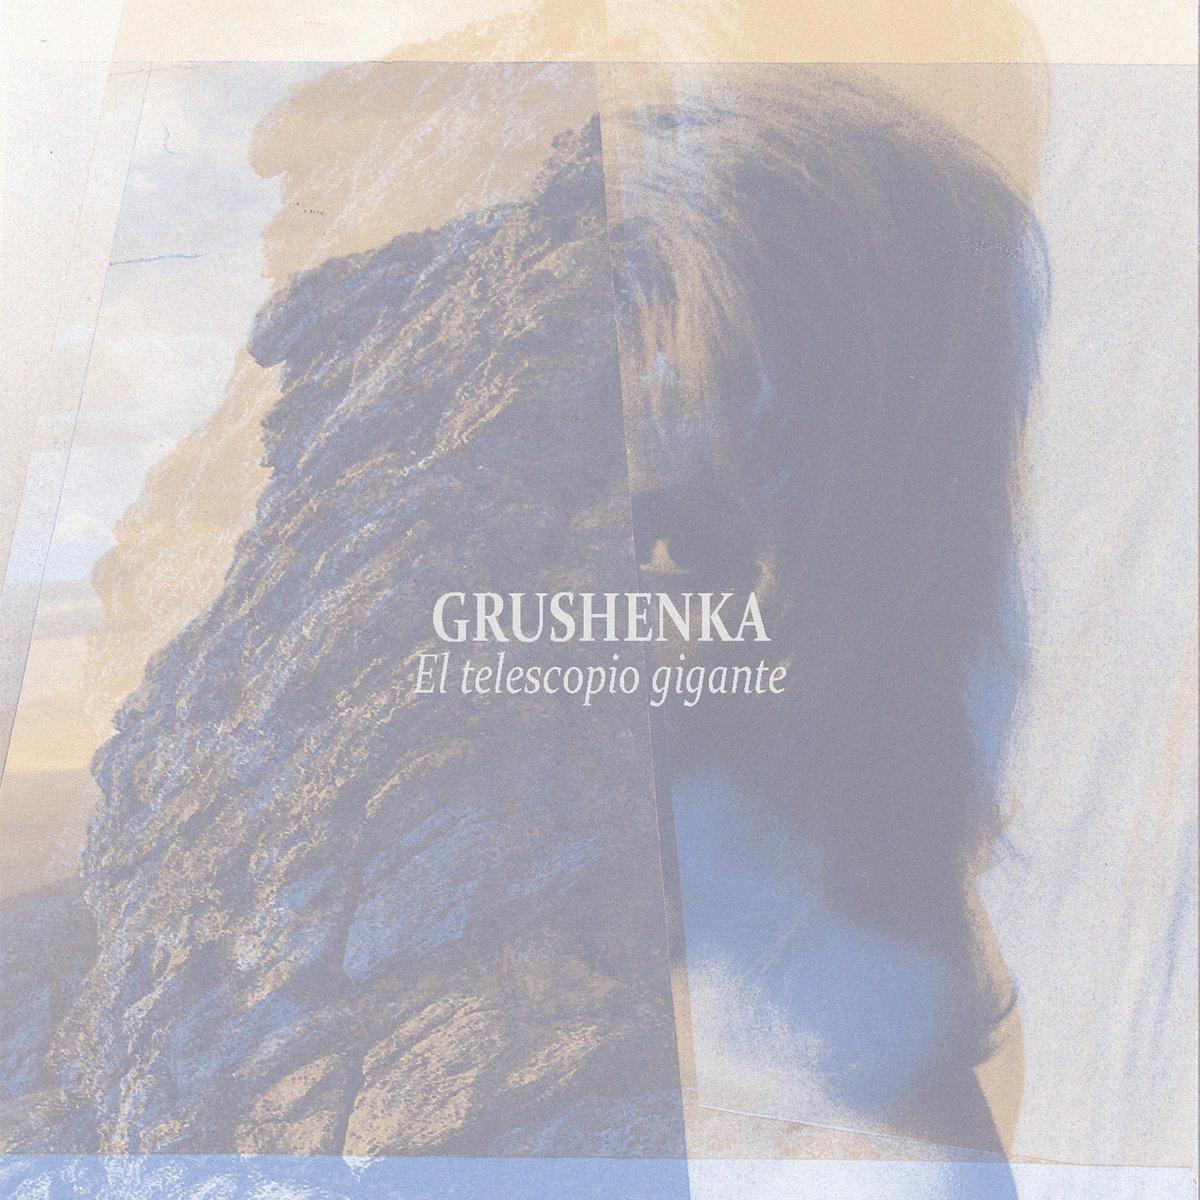 """Grushenka adelantan nuevo EP """"El telescopio gigante"""""""